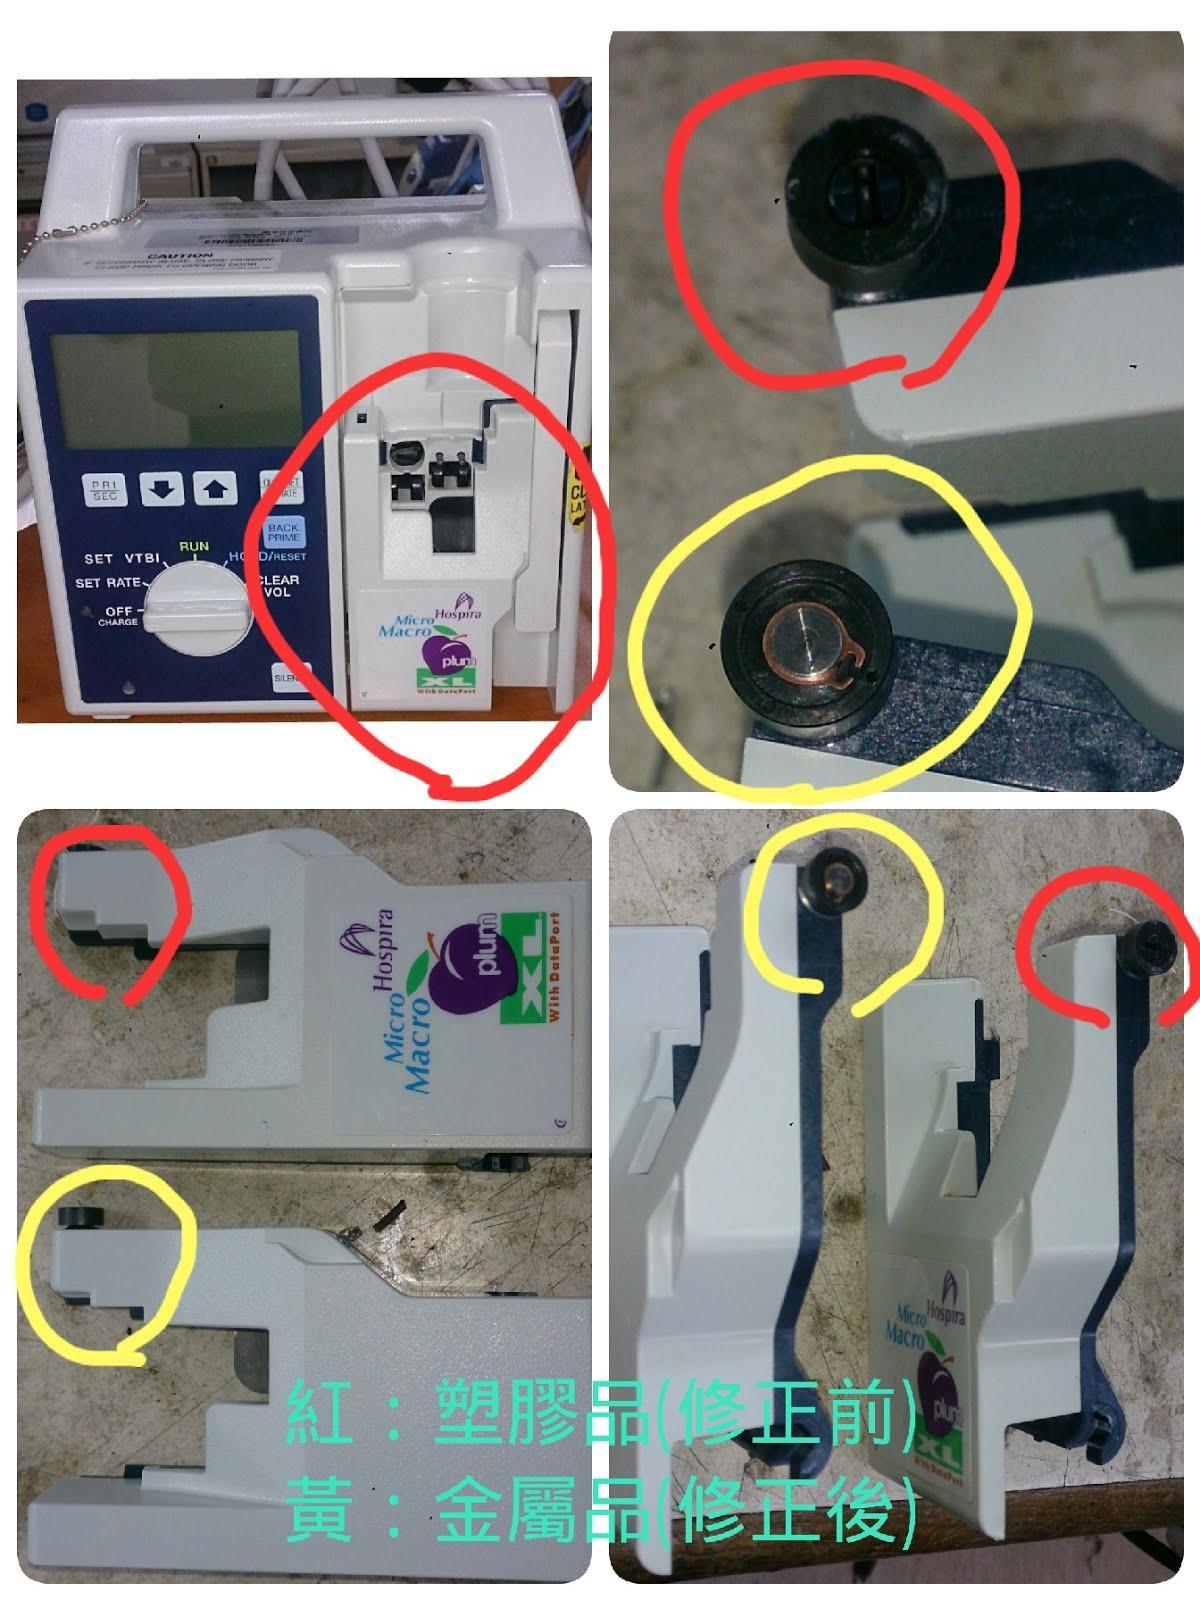 醫學工程室 Biomedical Engineering Department: Hospira PLUM XL IV PUMP 門板滾輪插銷修正-塑膠品改換金屬品